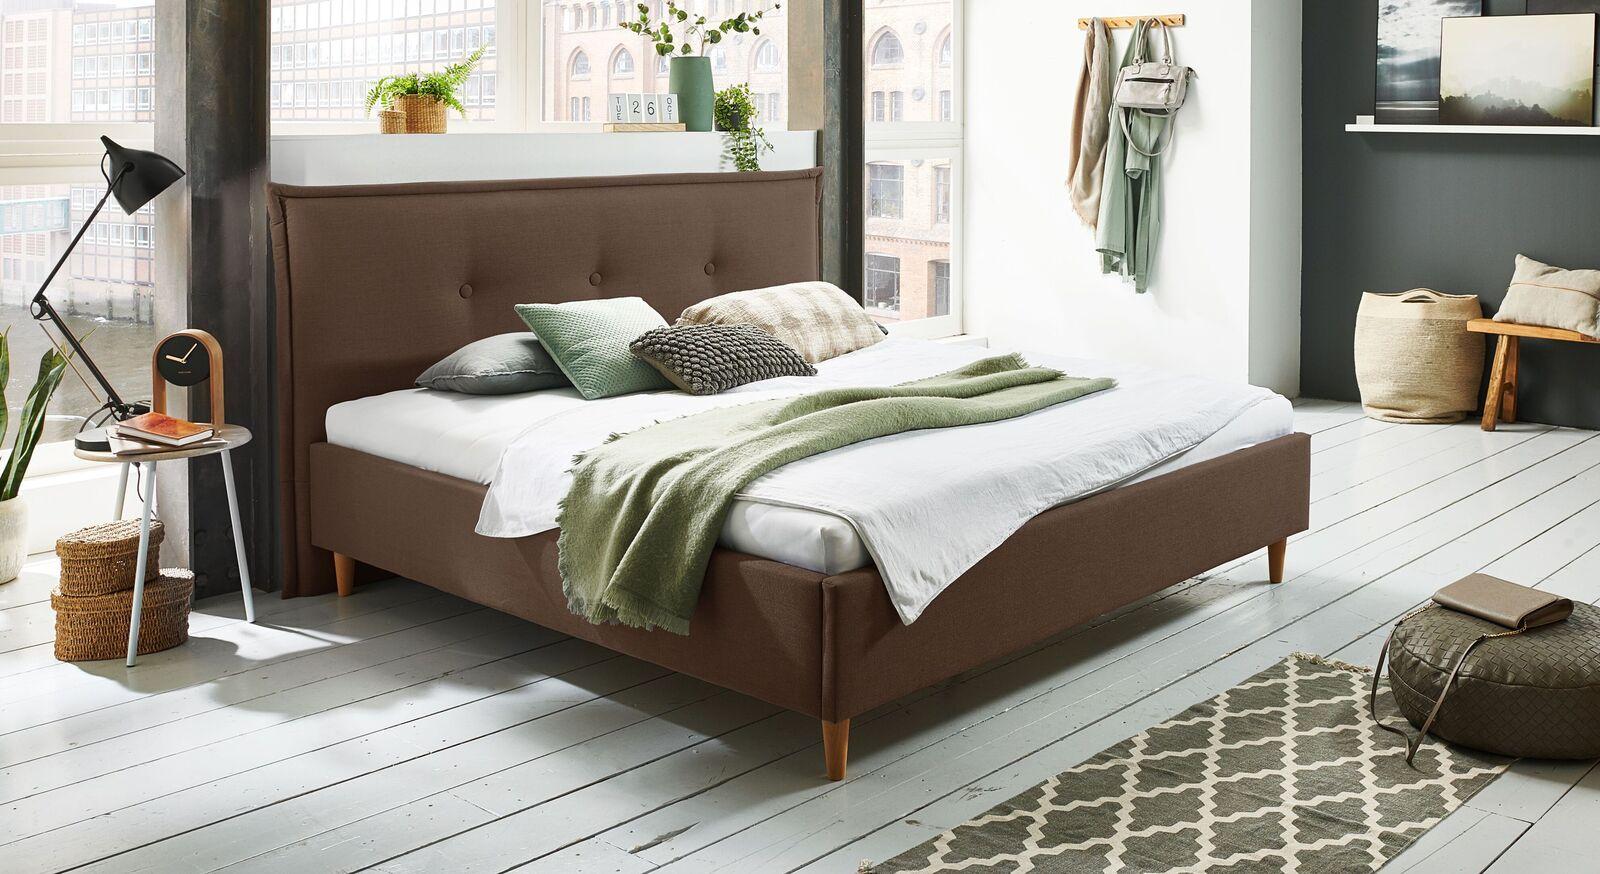 Bett Indore mit hochwertigem Webstoff in Braun